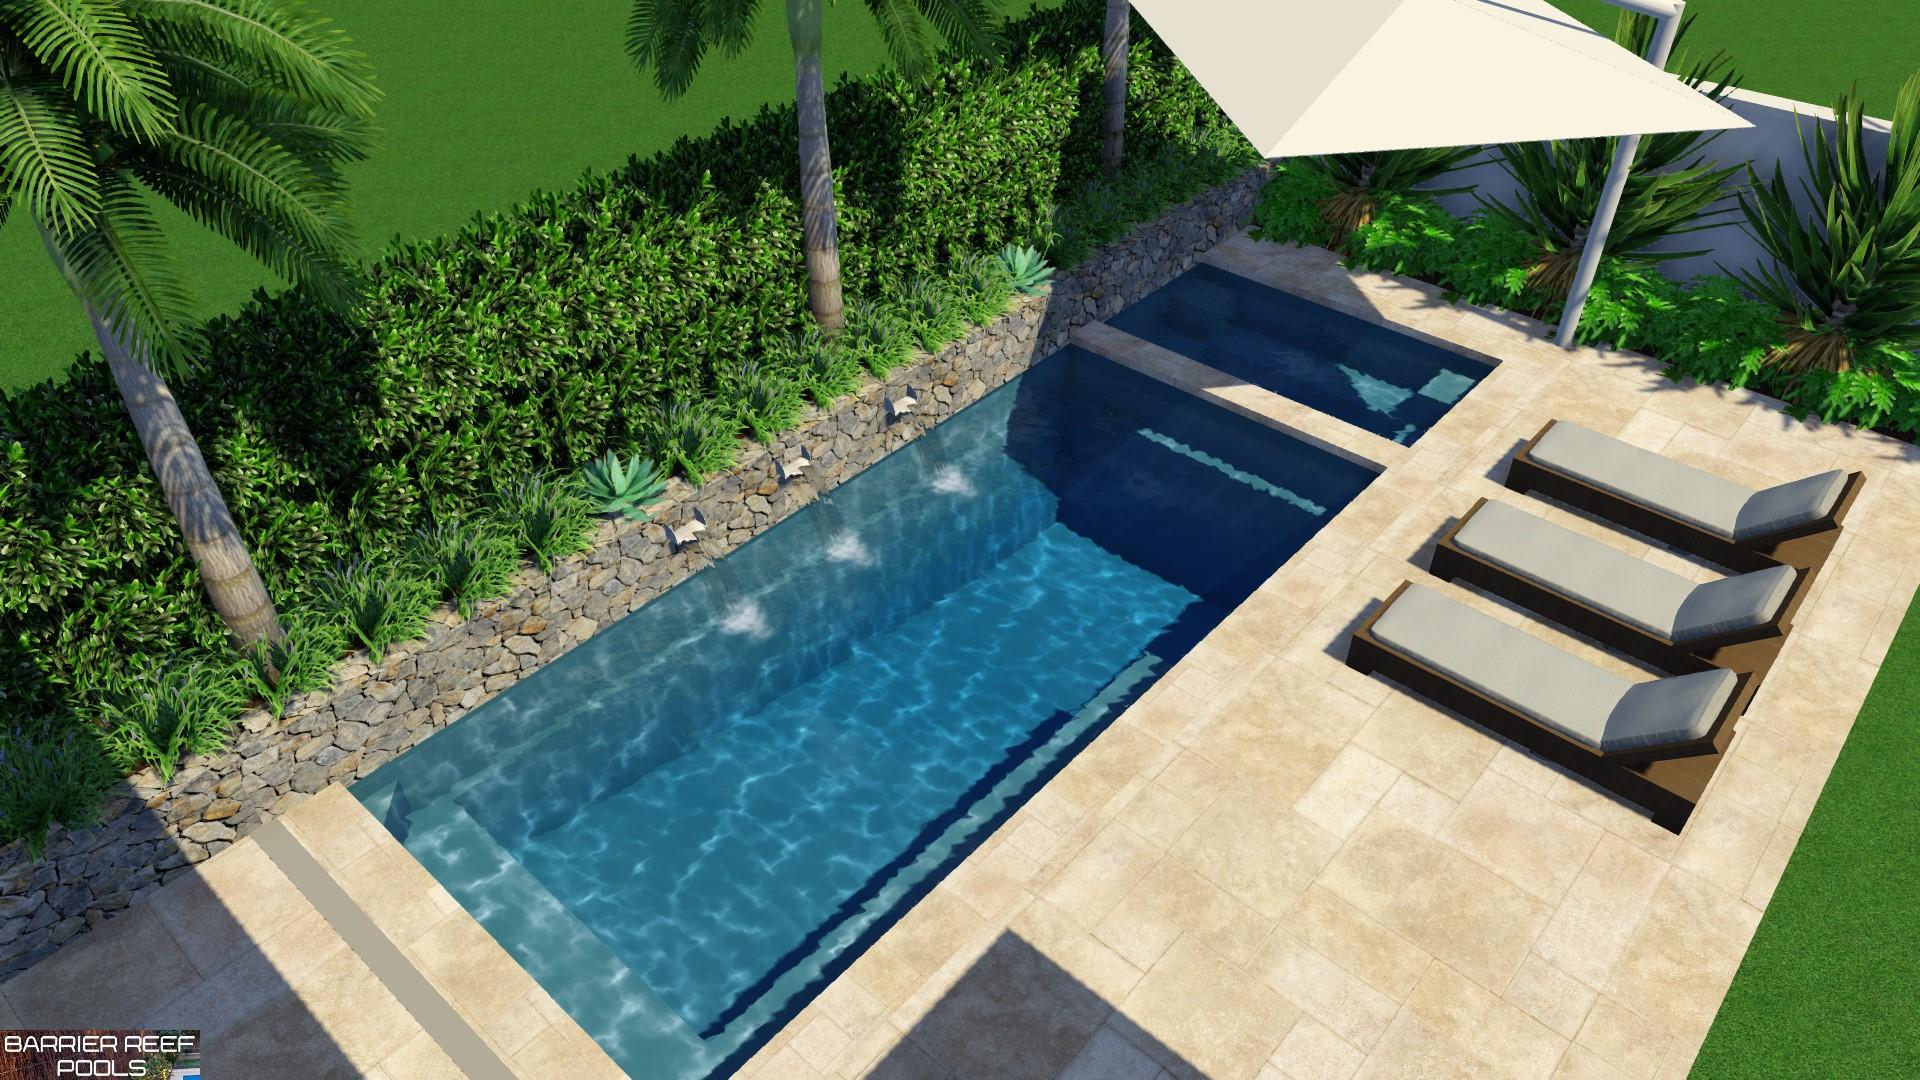 Barrier-Reef-Pools-New-Spa-Range_039